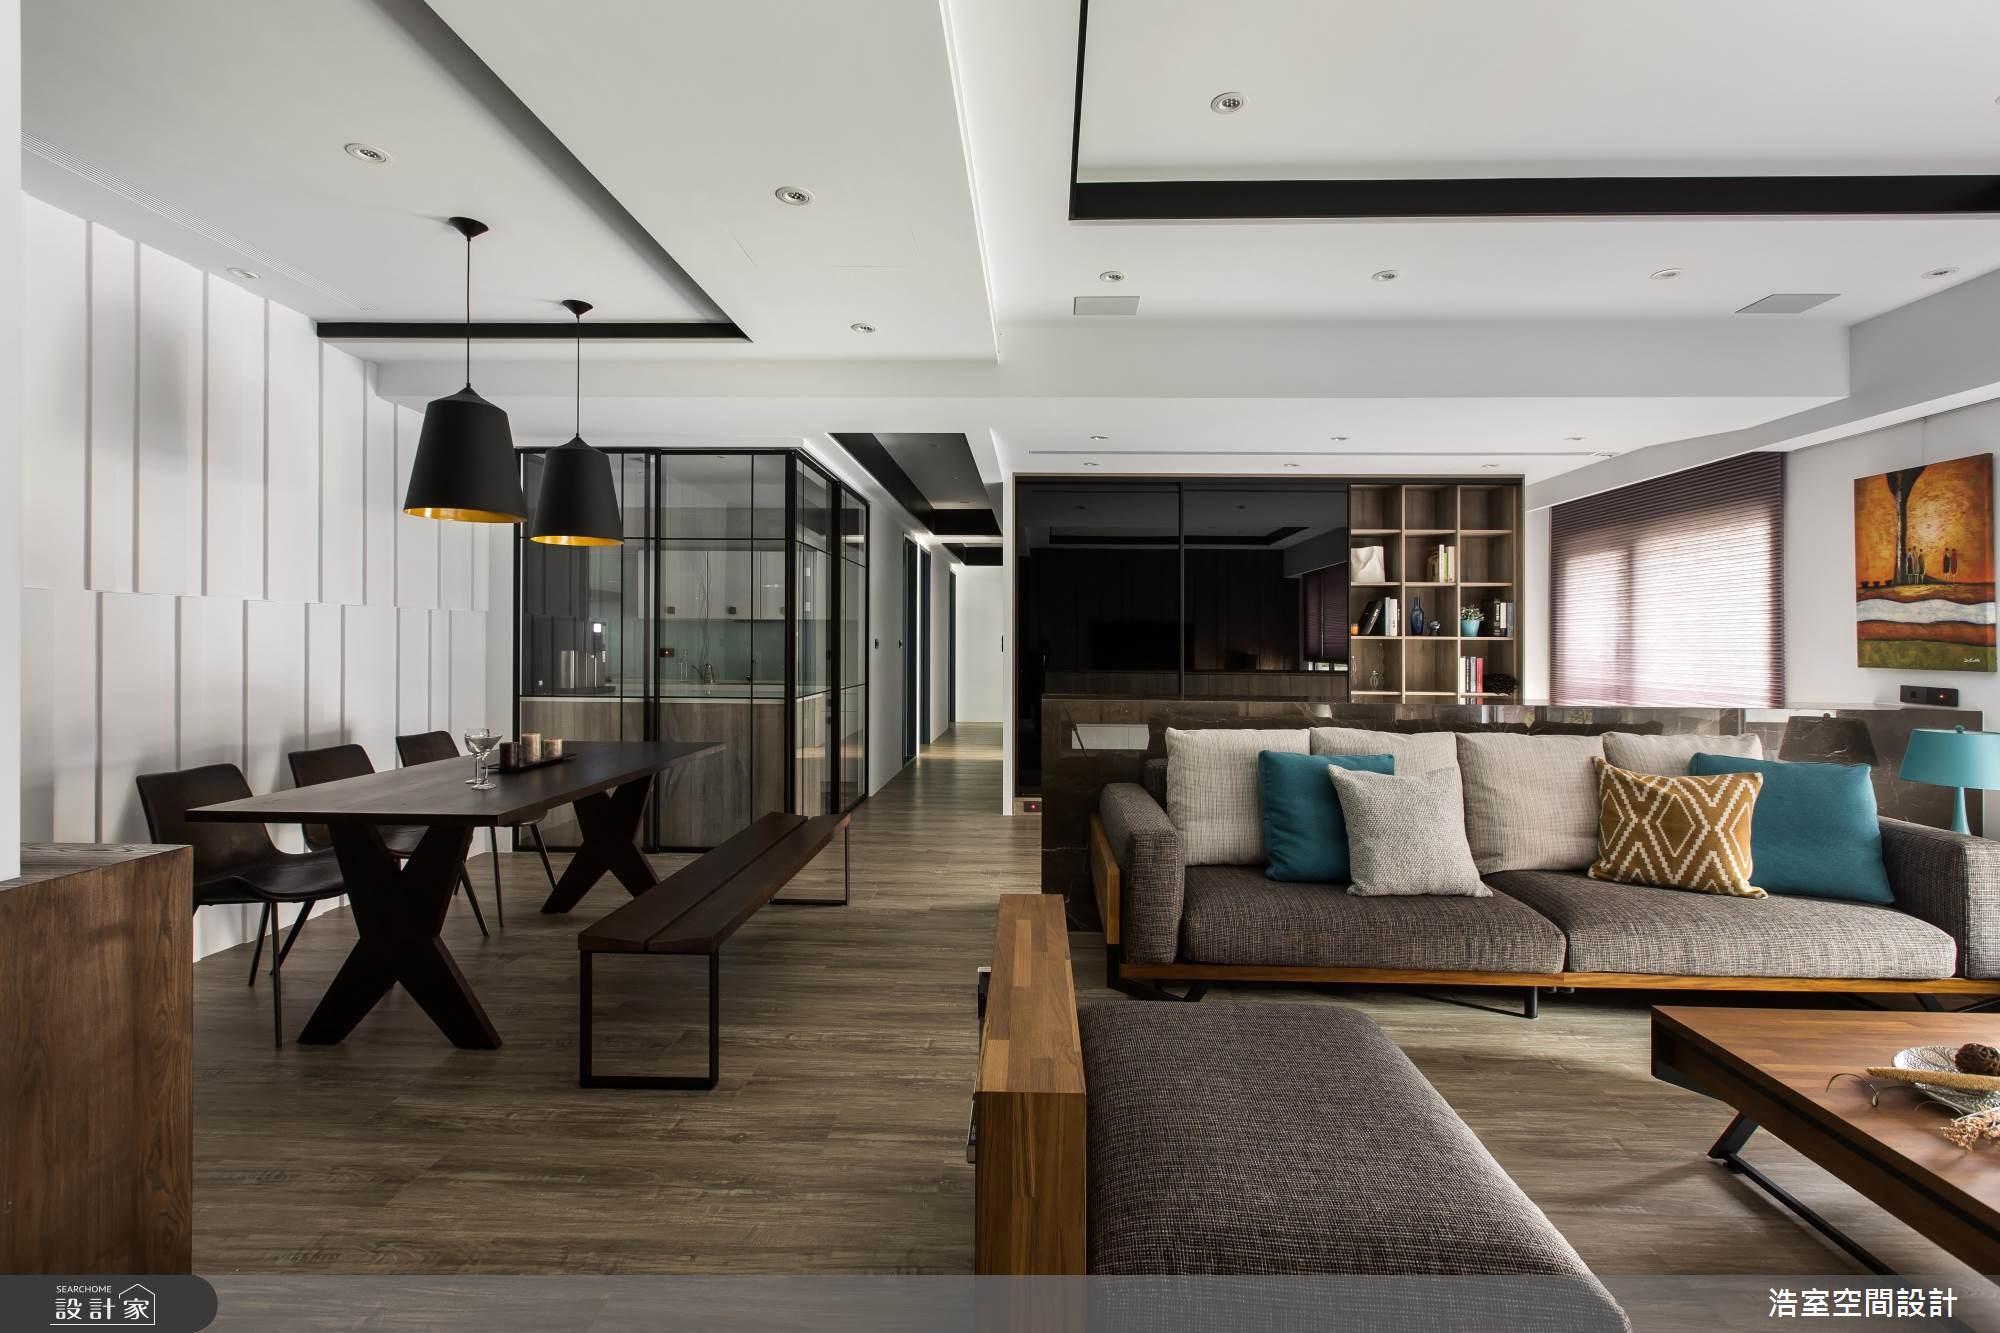 80坪新成屋(5年以下)_北歐風客廳餐廳案例圖片_浩室設計_浩室_30之3